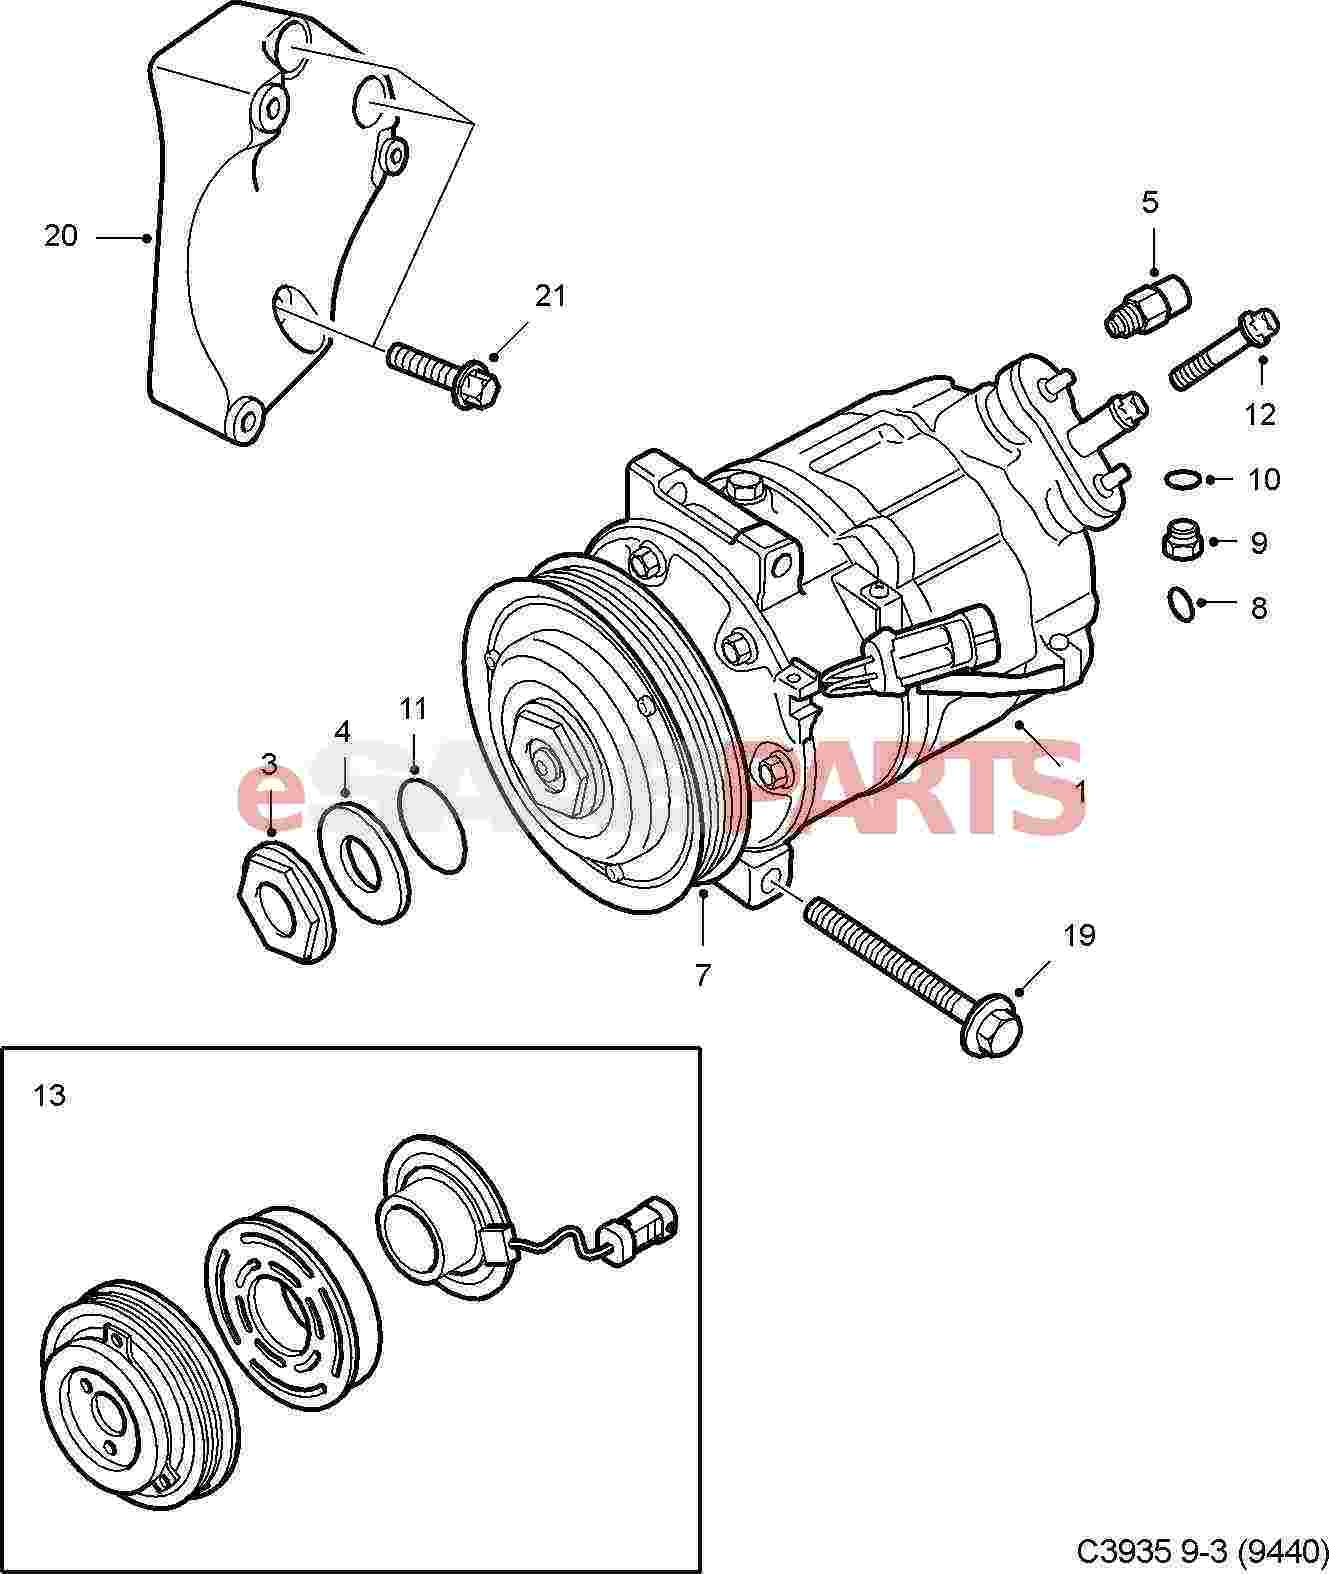 Saab 9 5 Ac Diagram Wiring Data Schema Towbar 93185794 Clutch Compressor B284 Genuine Parts From Rh Esaabparts Com Free